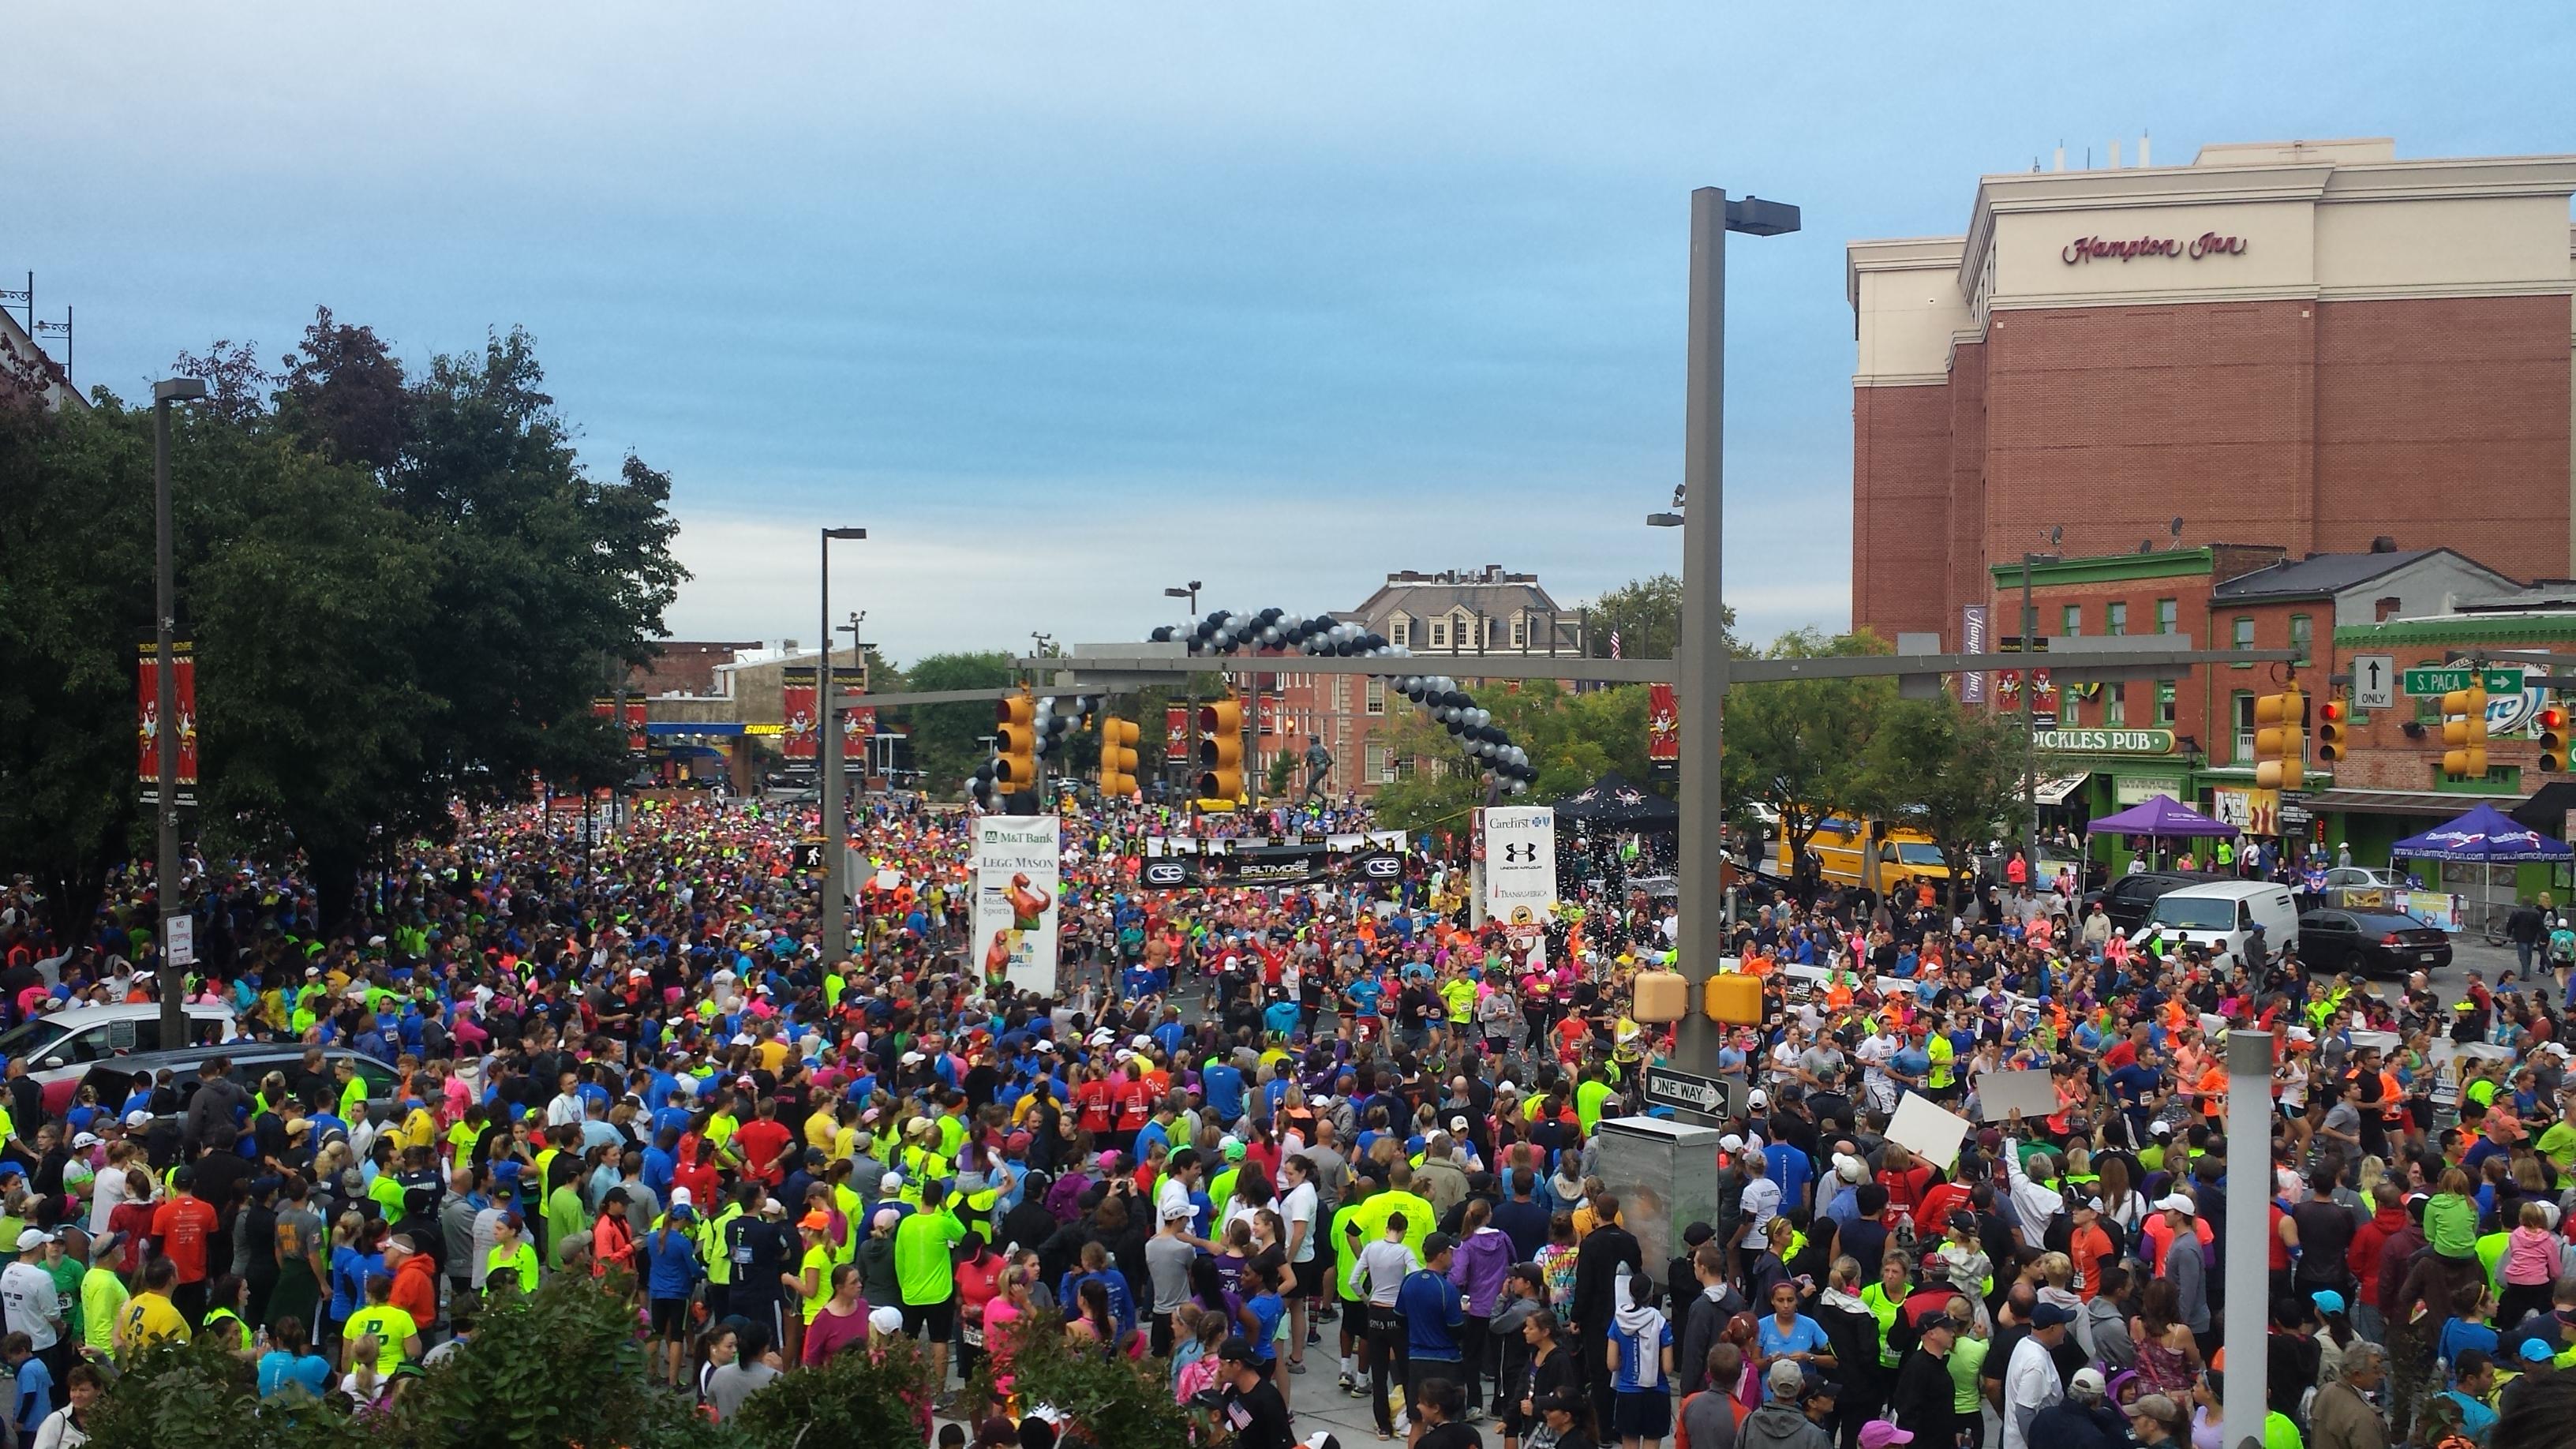 Crowd shot @ start line